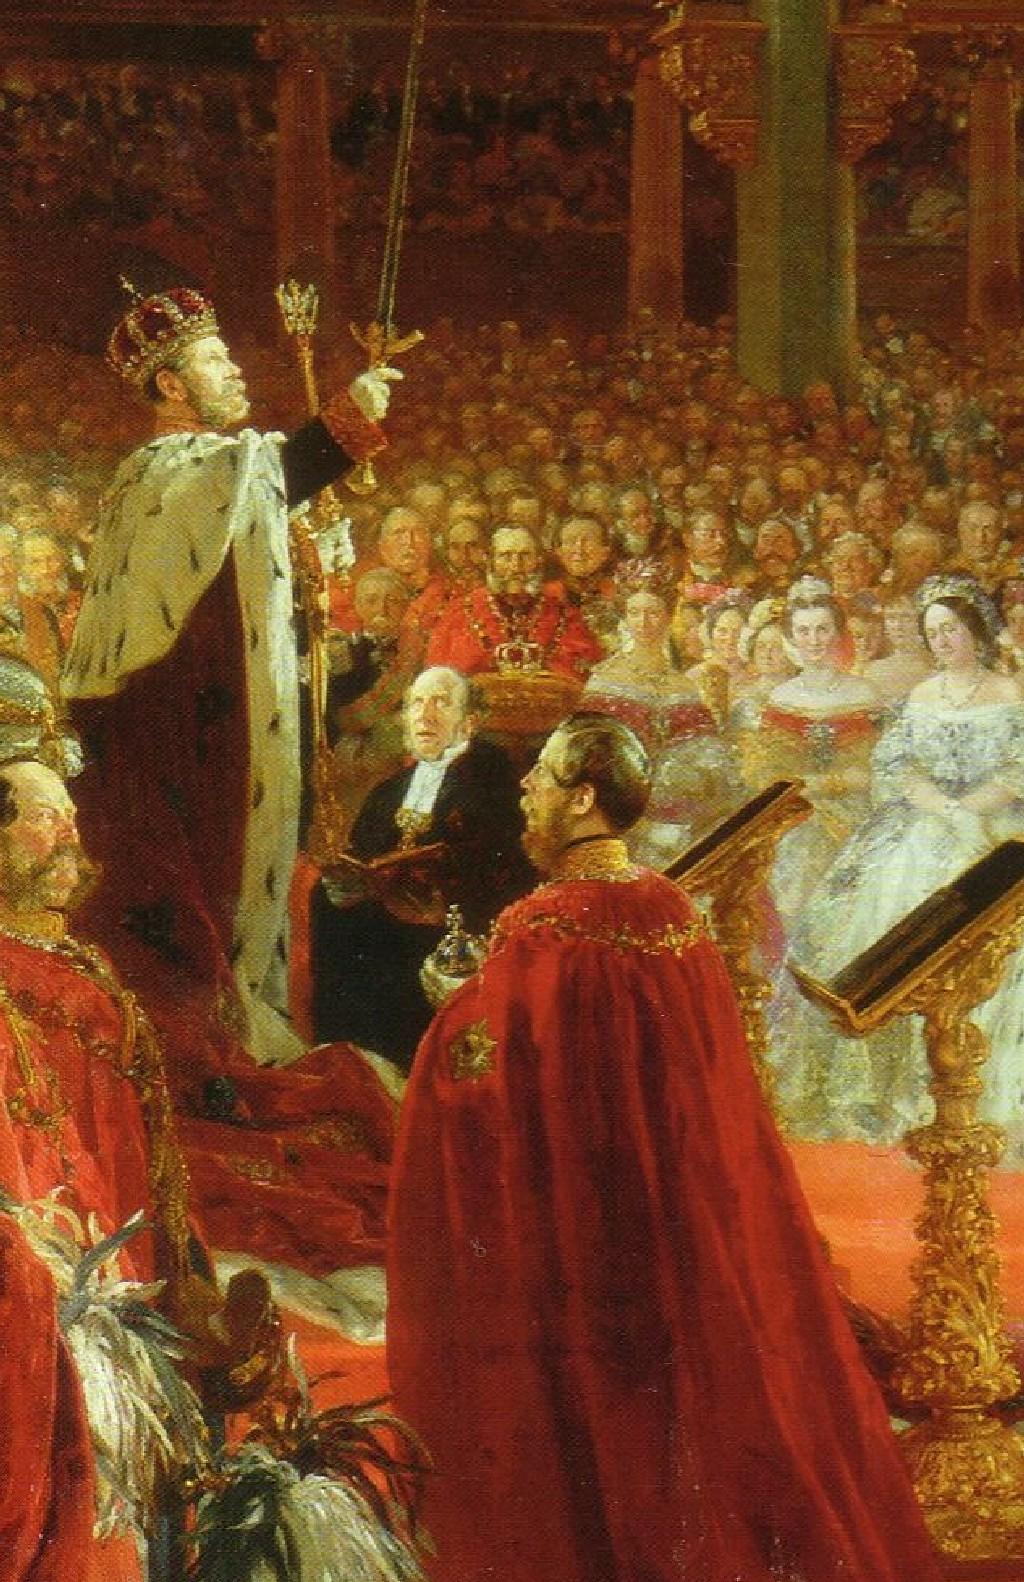 Коронация царя картинки